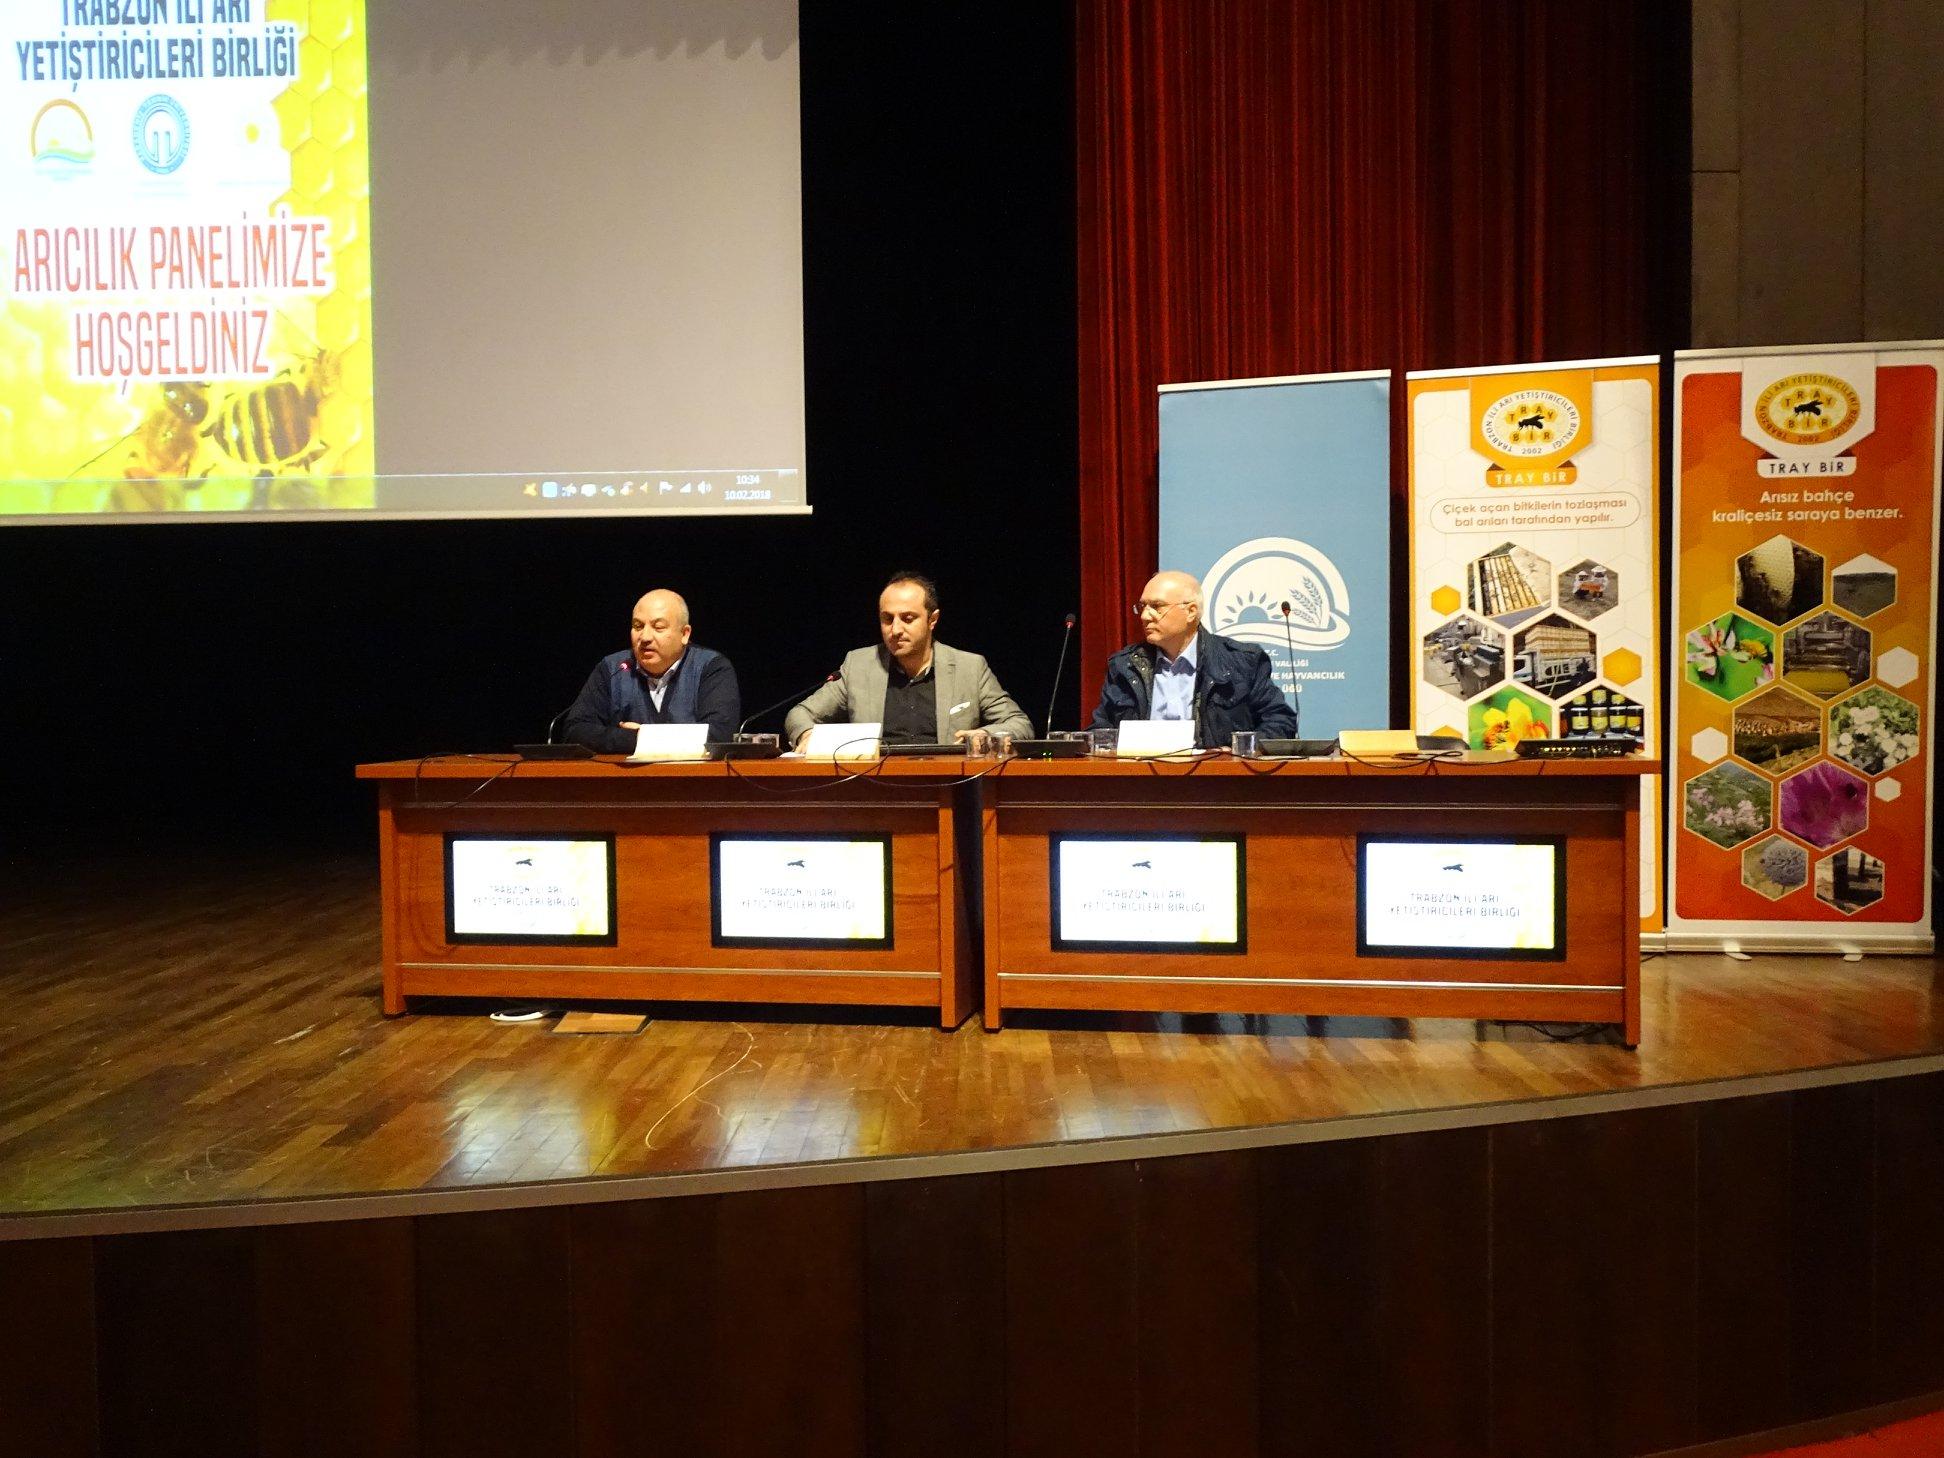 Trabzon'da Arıcılık Paneli Yapıldı